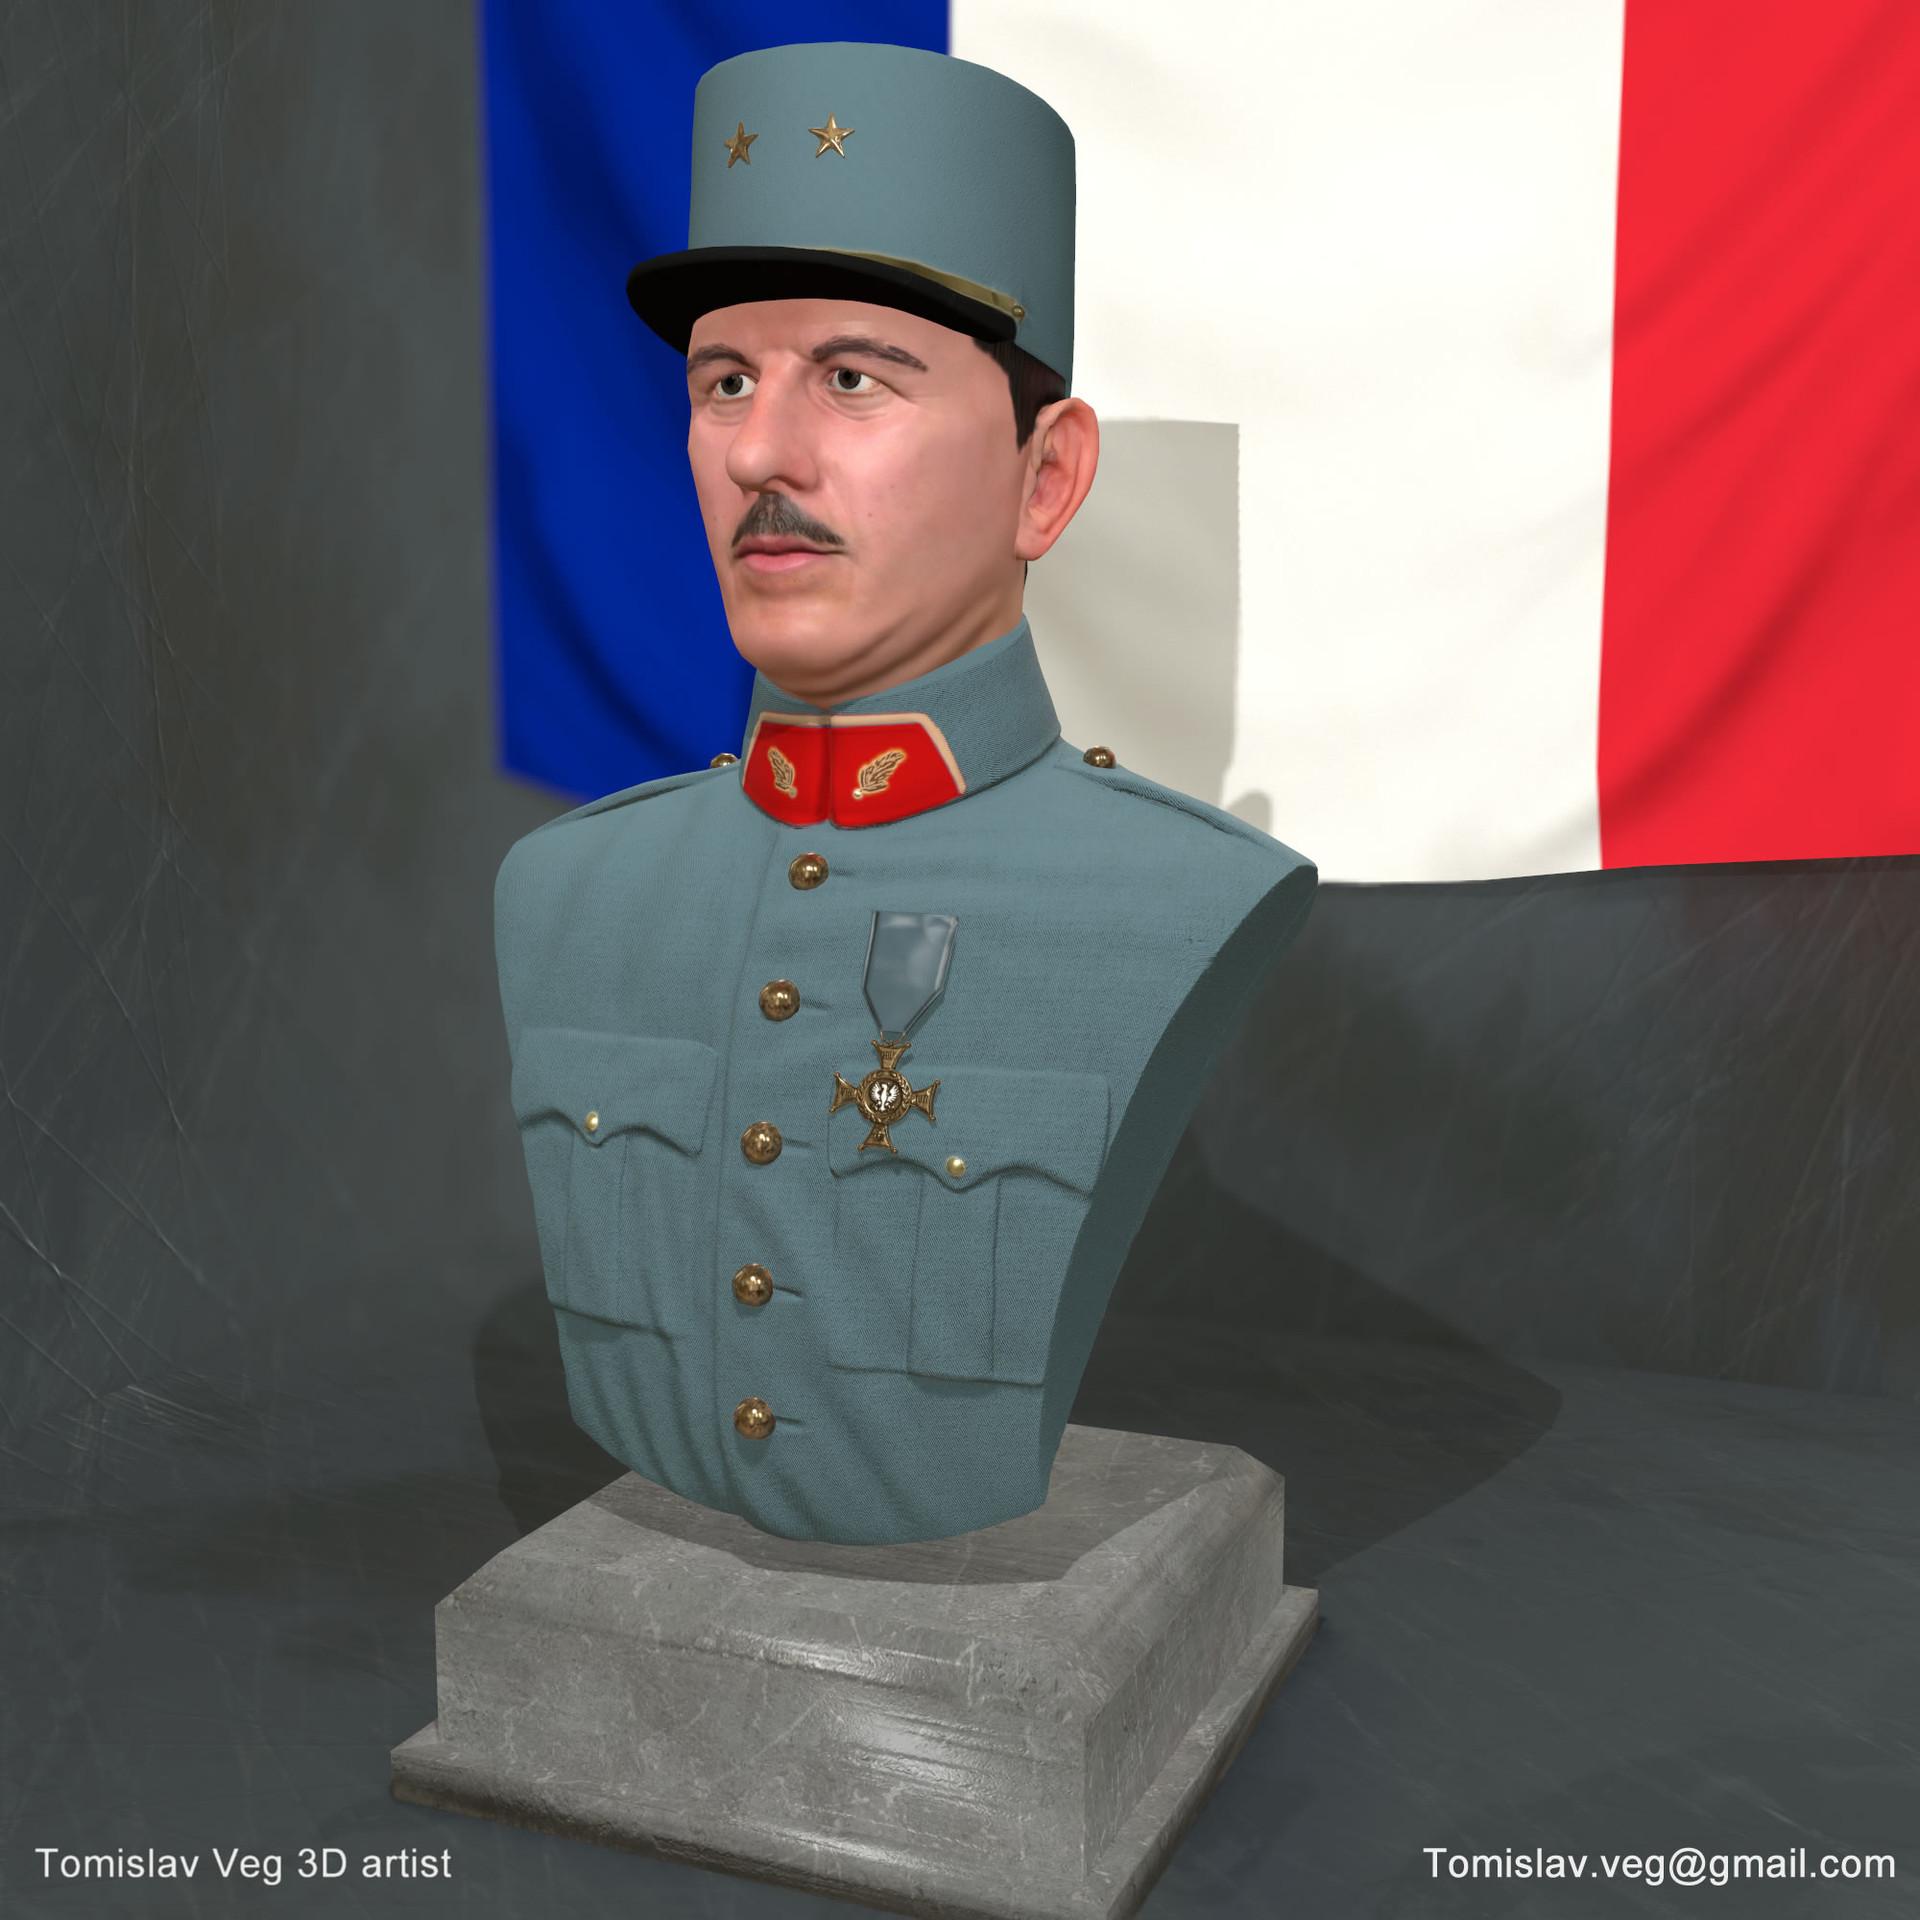 Tomislav veg 1